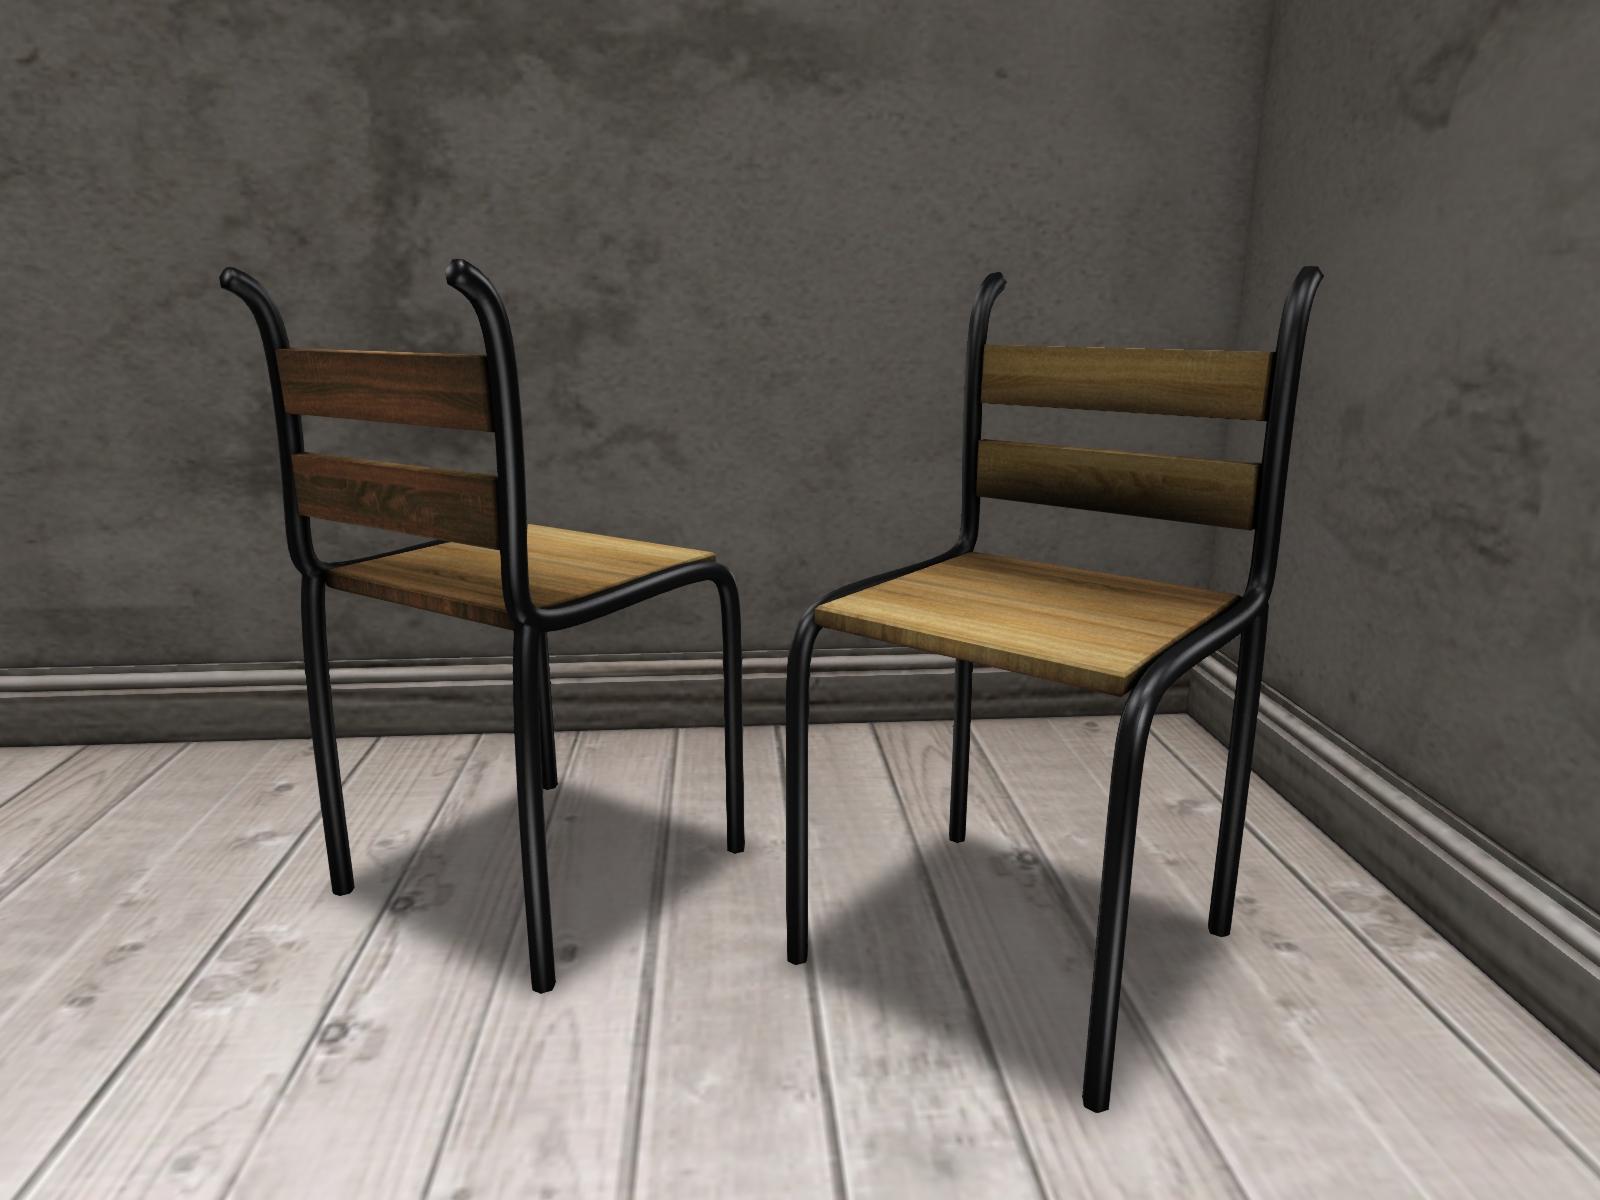 mesh_chair_18_2_adv_002  Harley Schylo